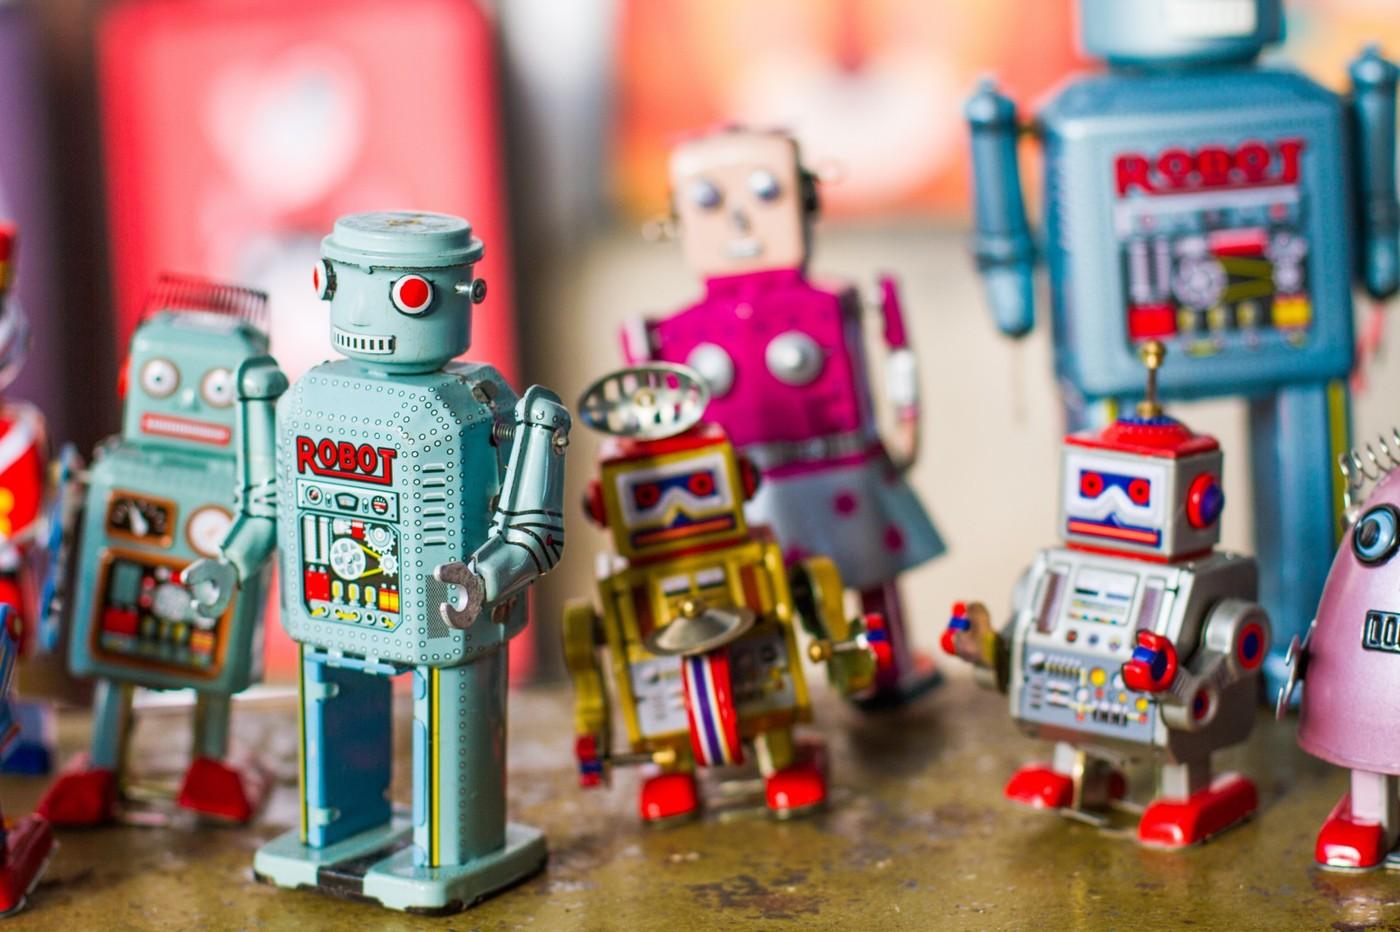 聯發科幫青年教授加薪,攻機器人、5G等前瞻科技